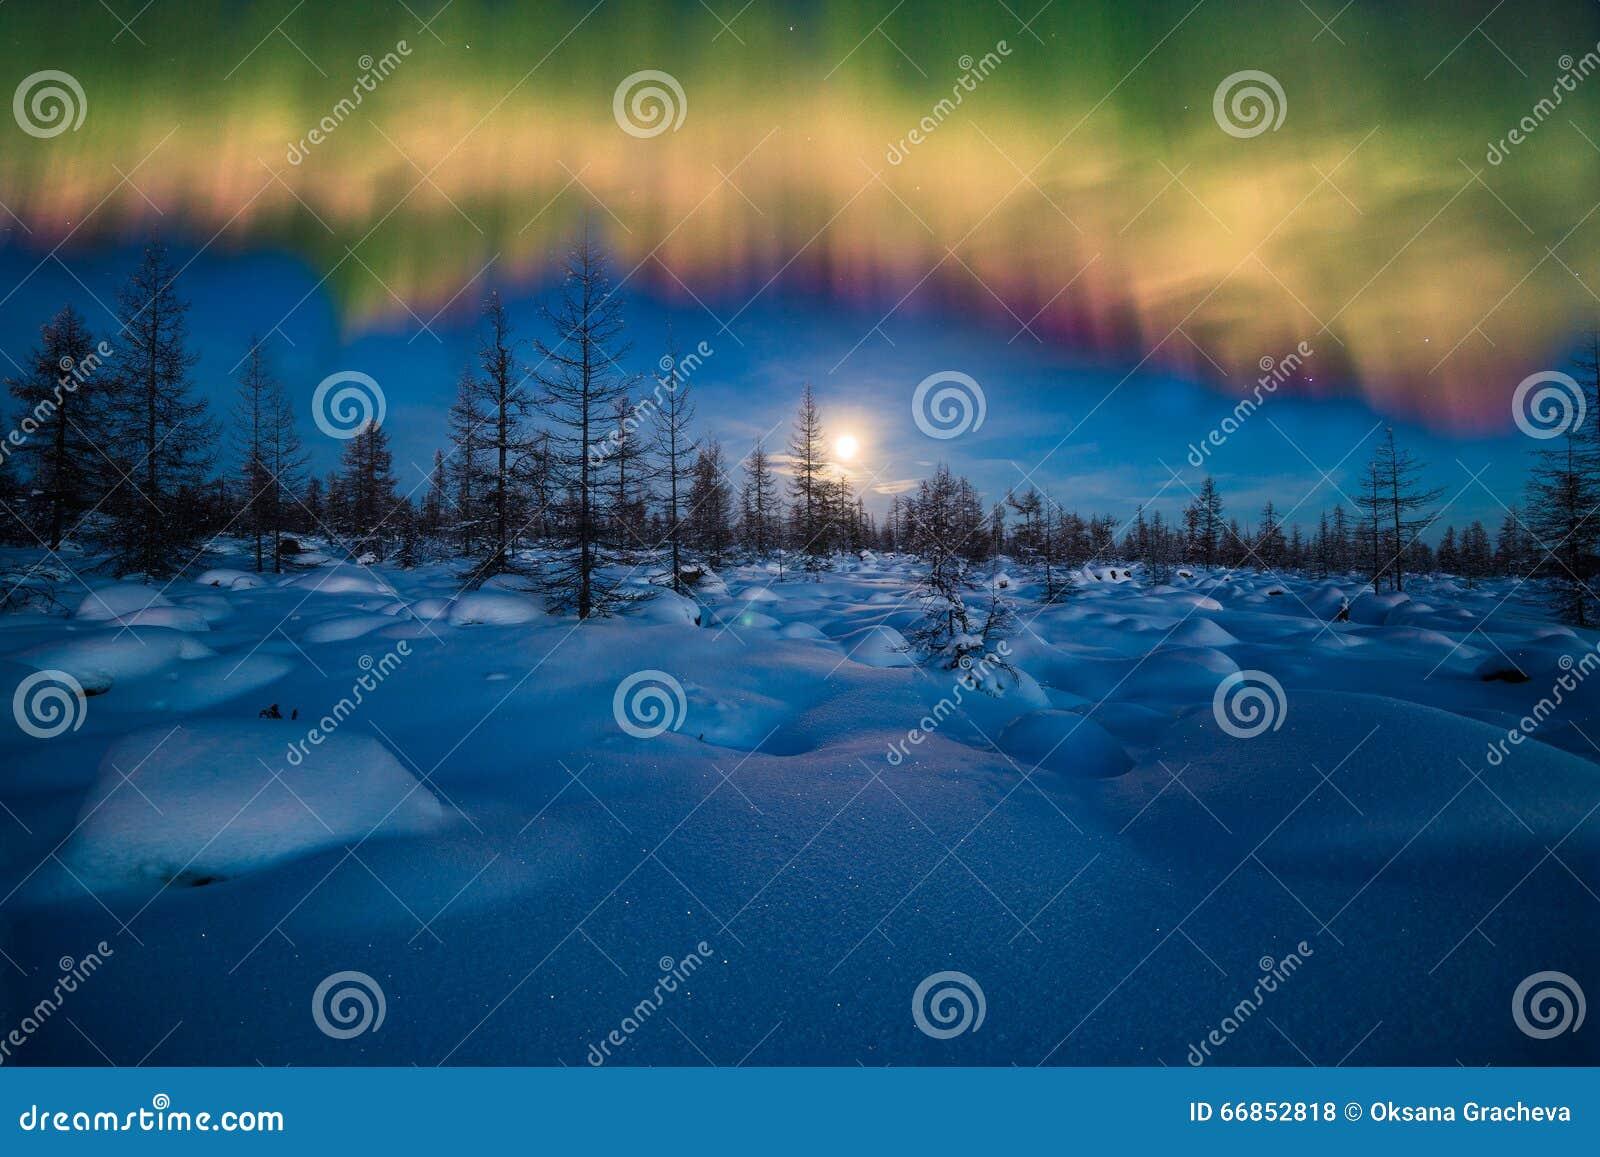 Paisaje de la noche del invierno con el bosque, la luna y la luz septentrional sobre el bosque